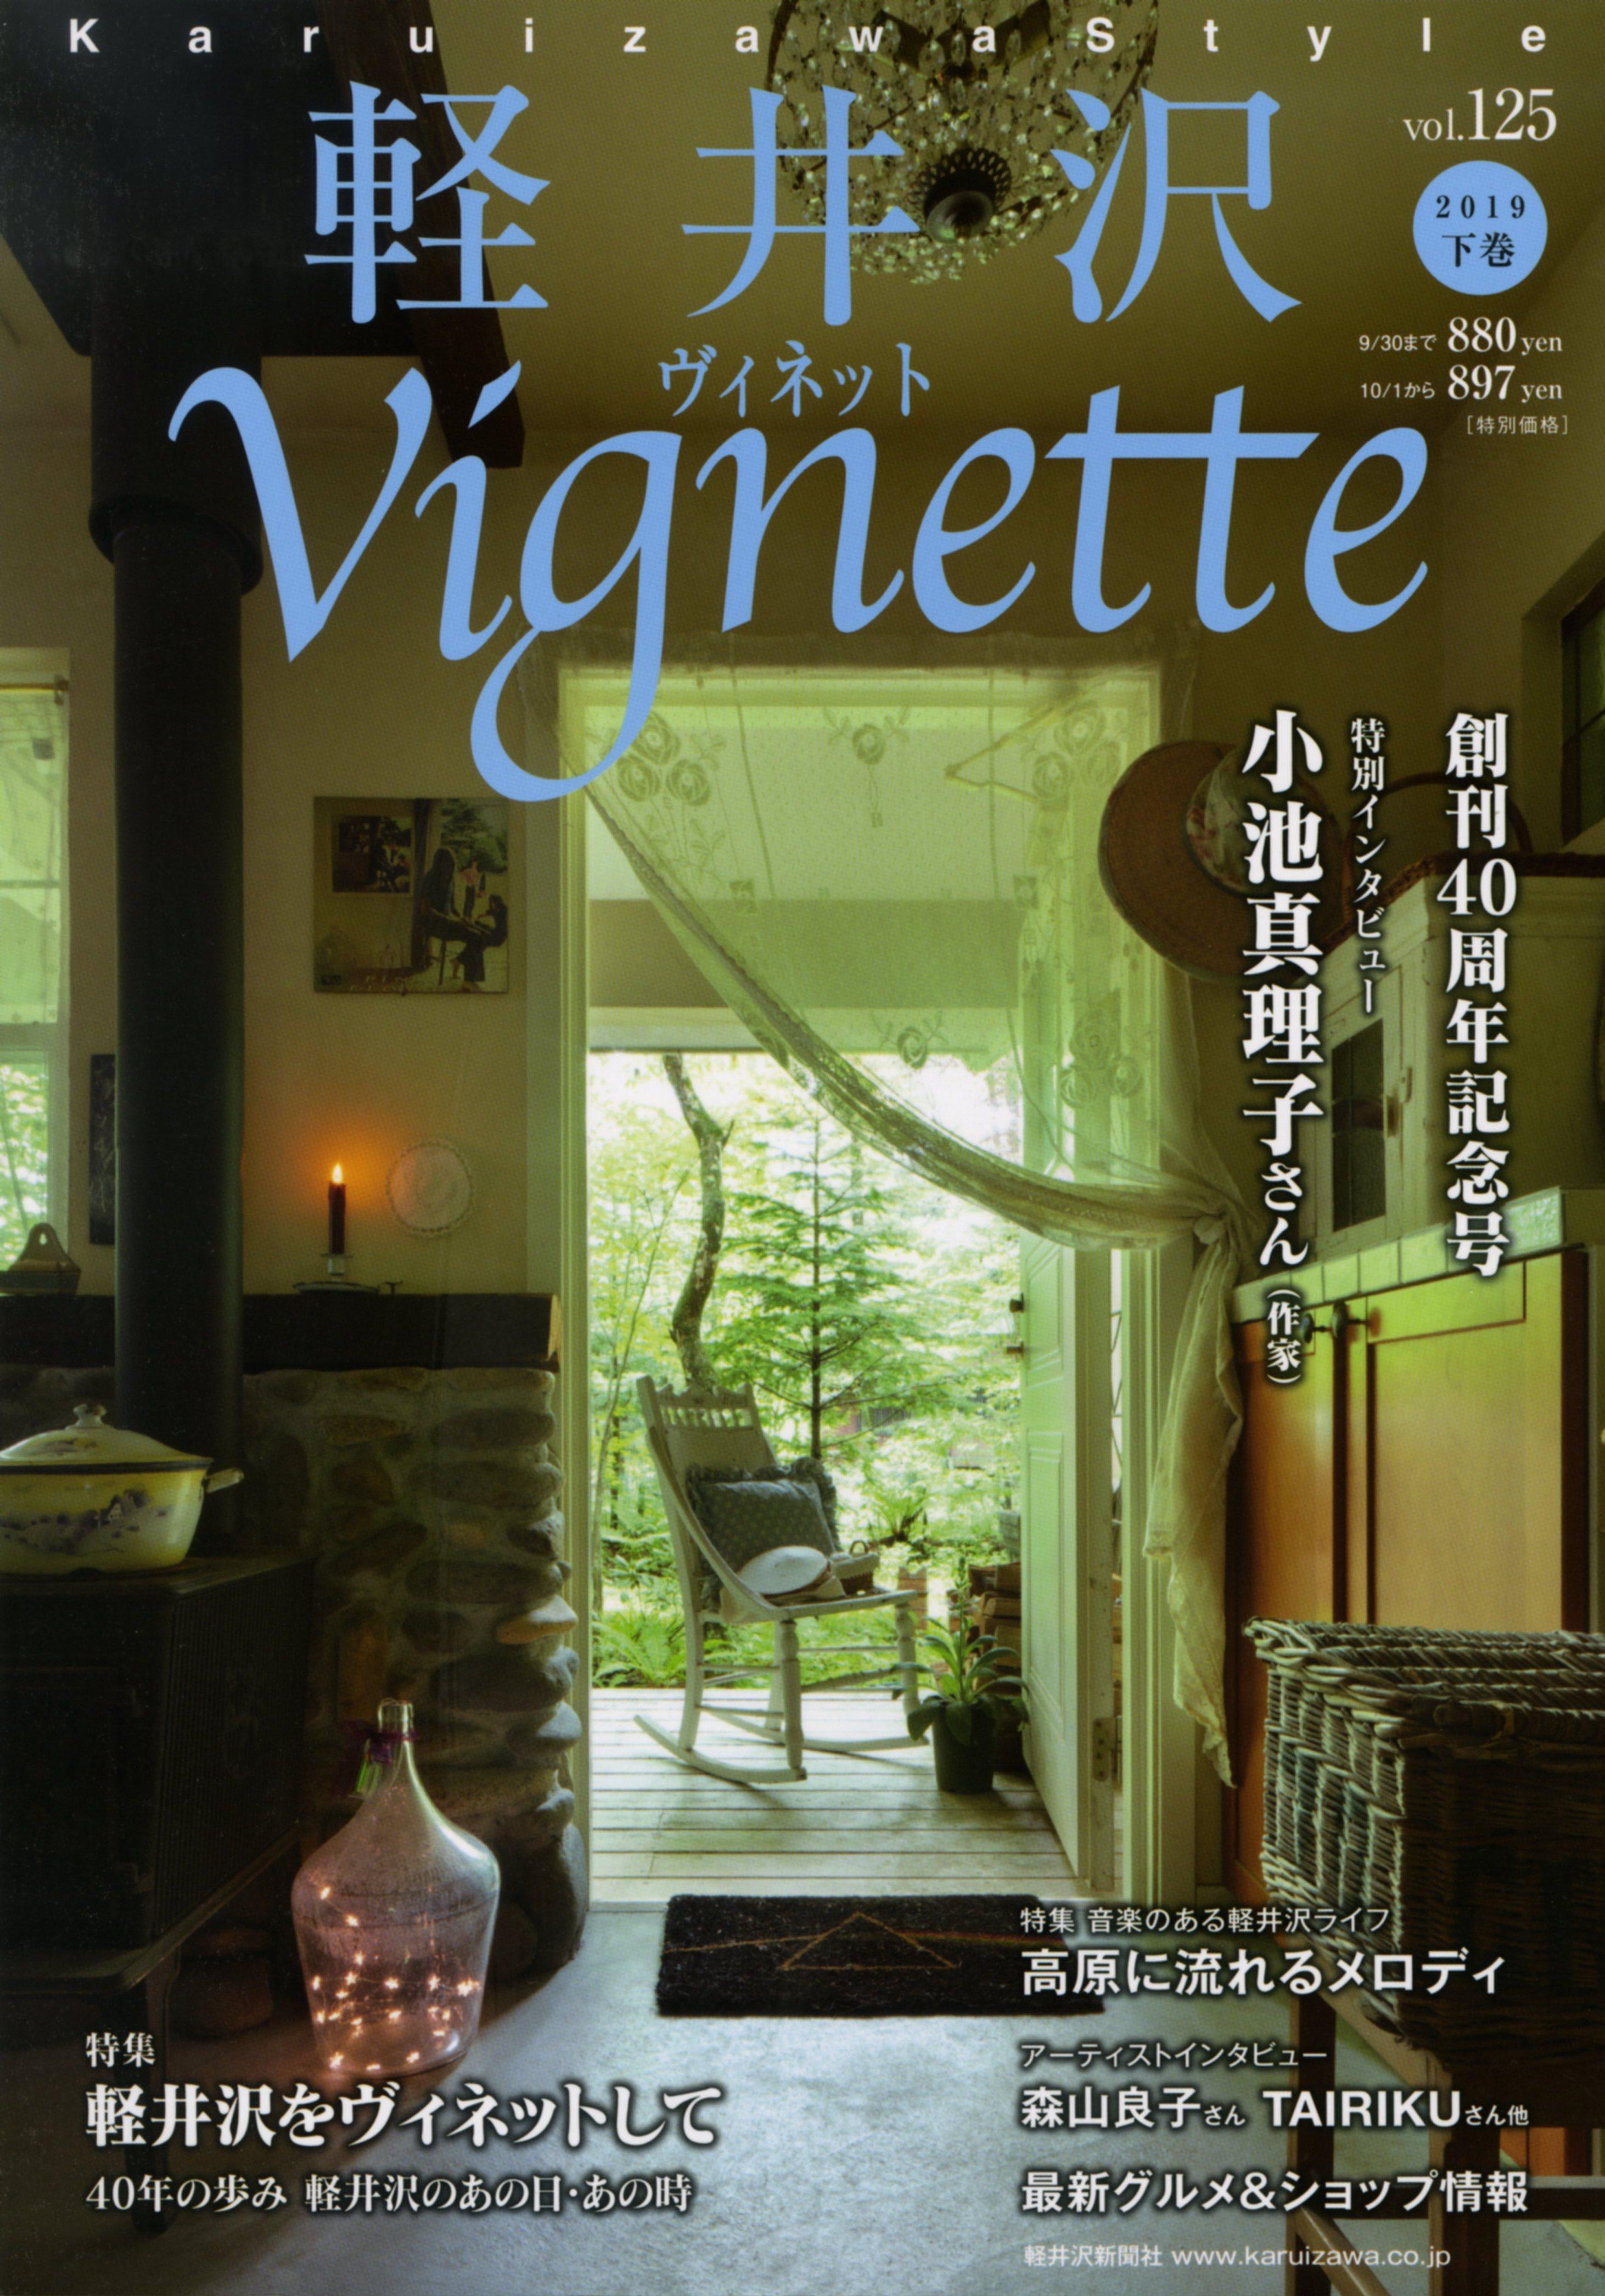 7月26日発売_軽井沢ヴィネット 2019下巻 vol.125 表紙